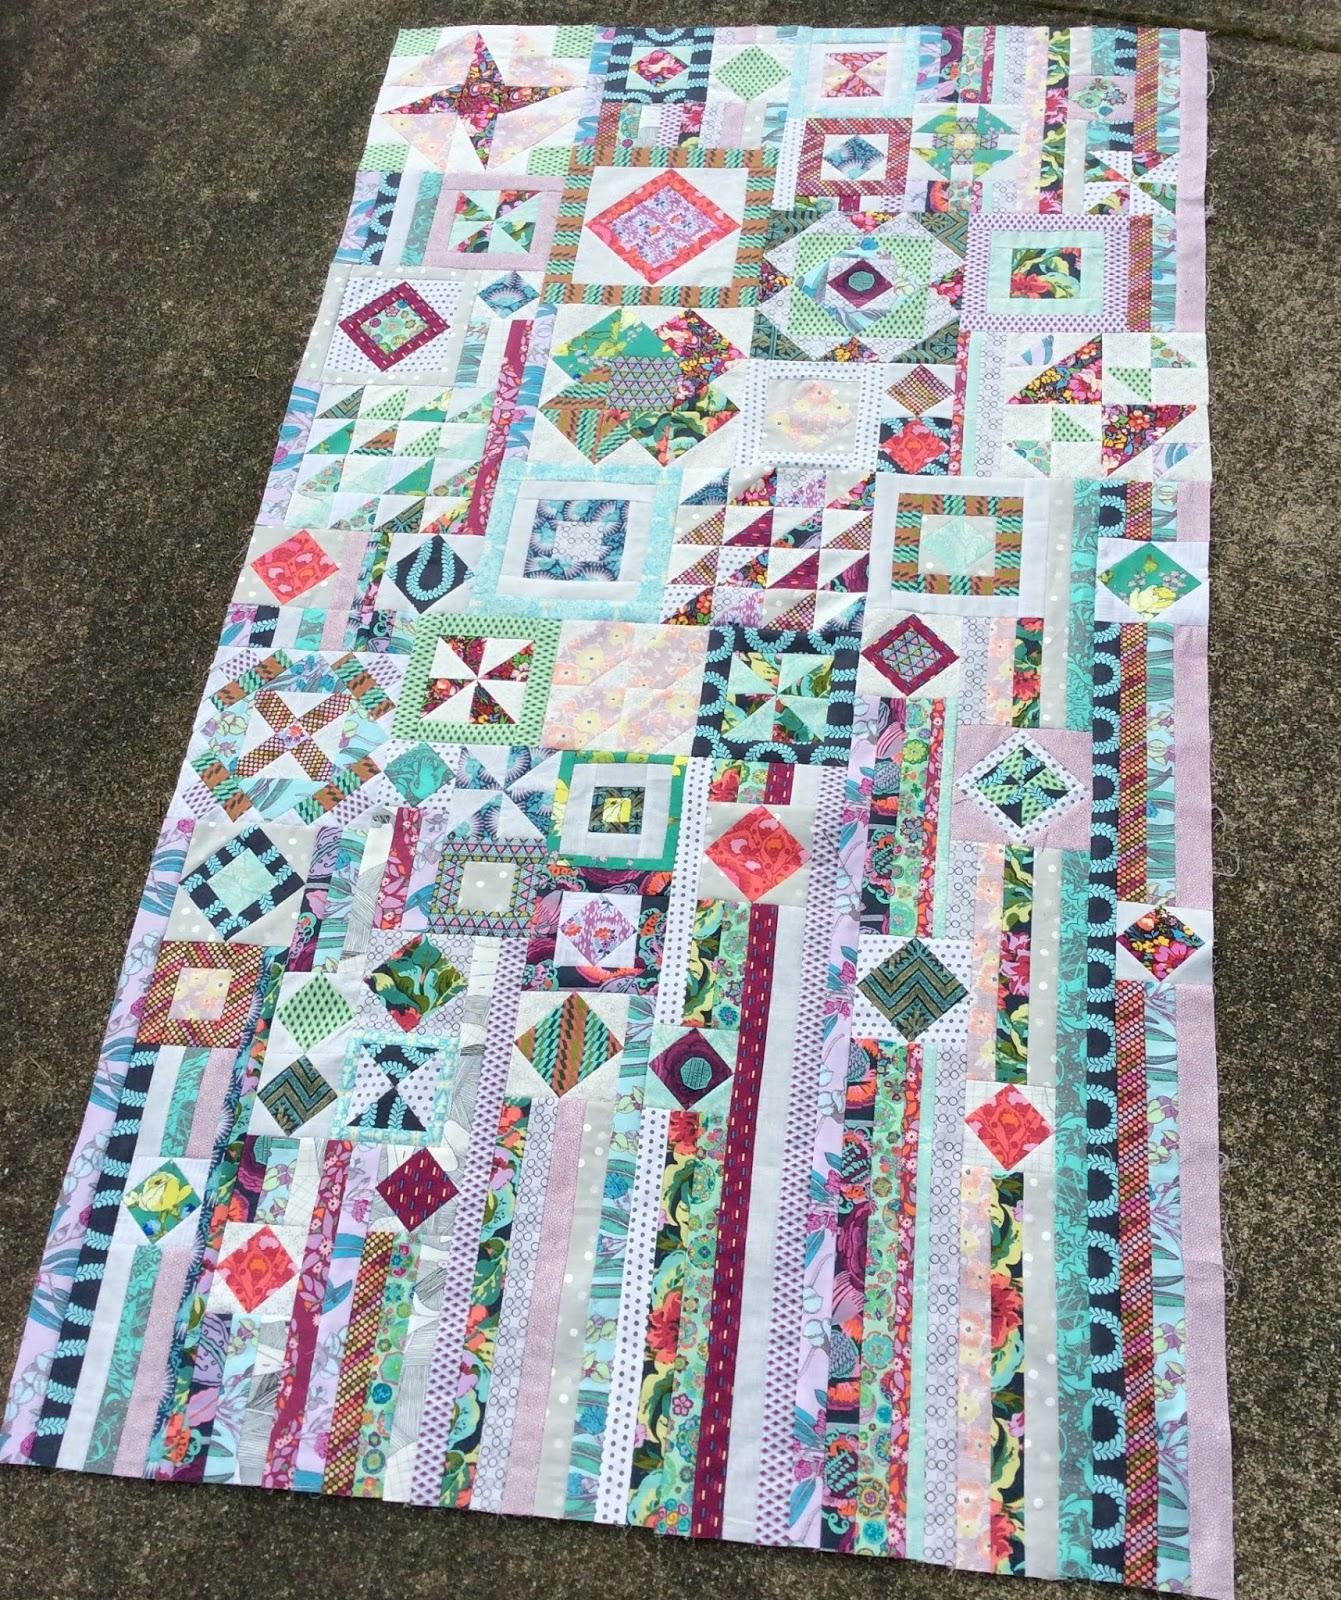 Jaffa quilts: Gypsy Wife Section 9 : gypsy wife quilt - Adamdwight.com